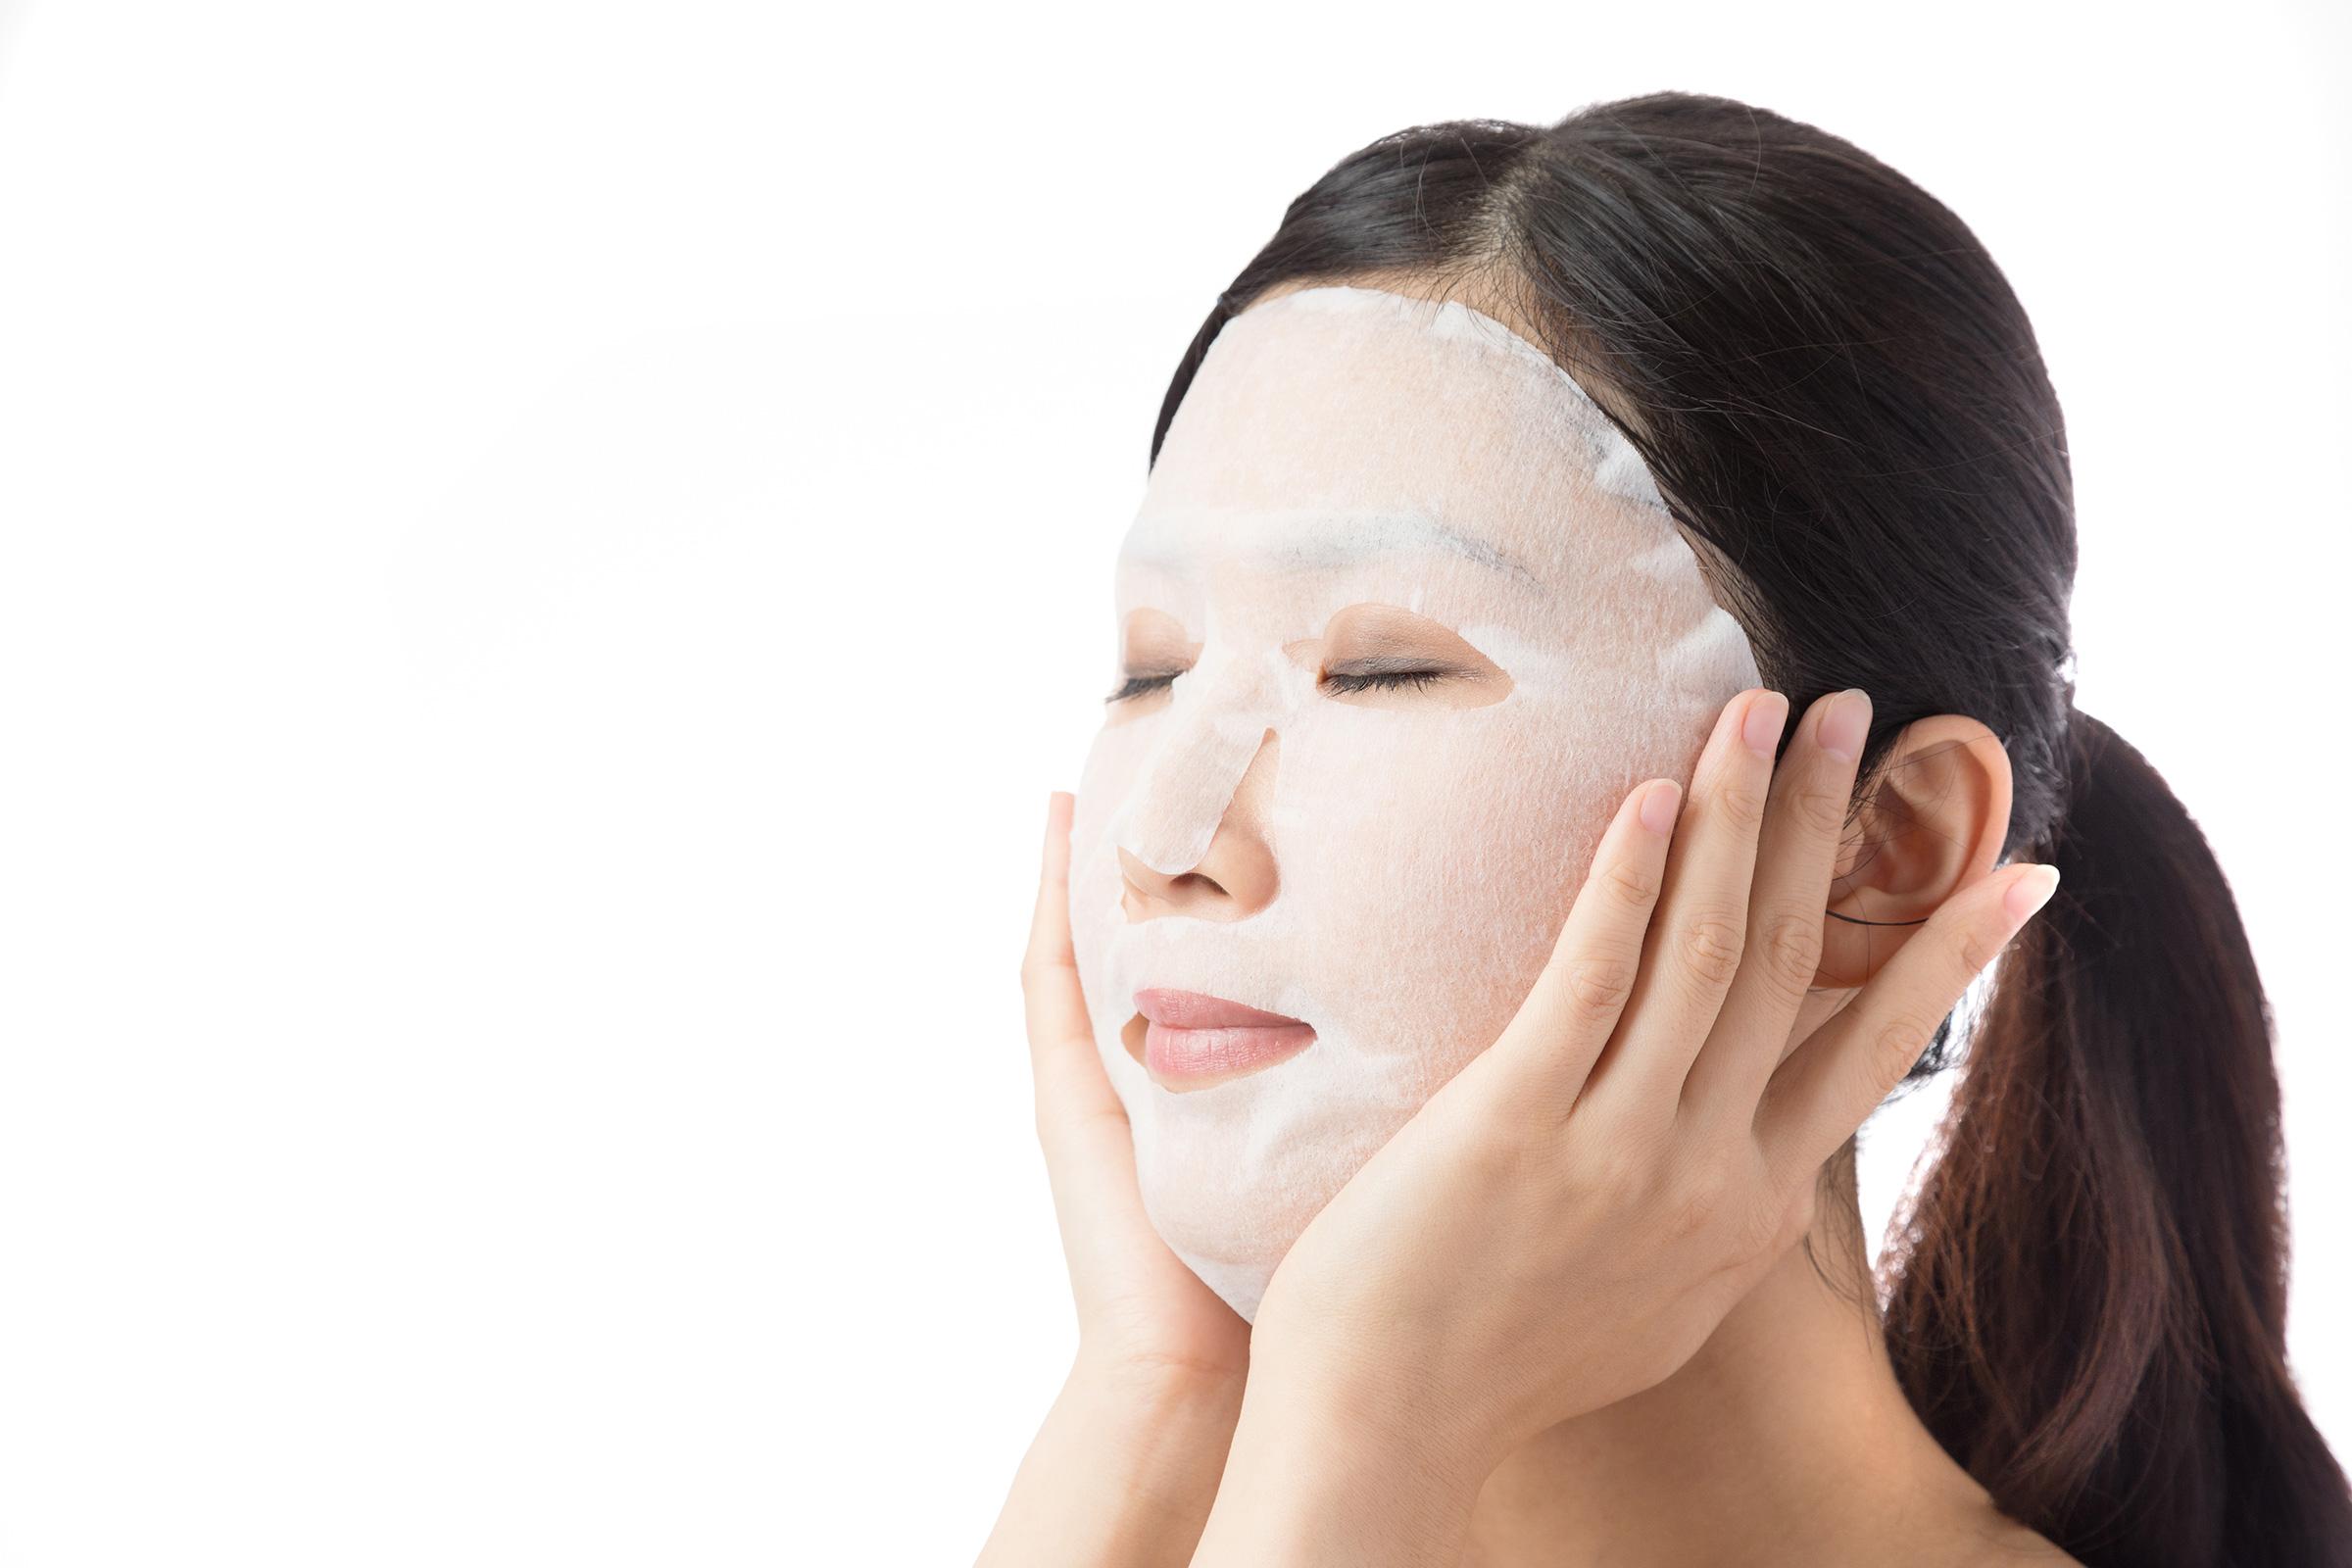 【医師監修】乾燥肌はどんなフェイスパックを選べばいいの?効果的な使用方法と注意点